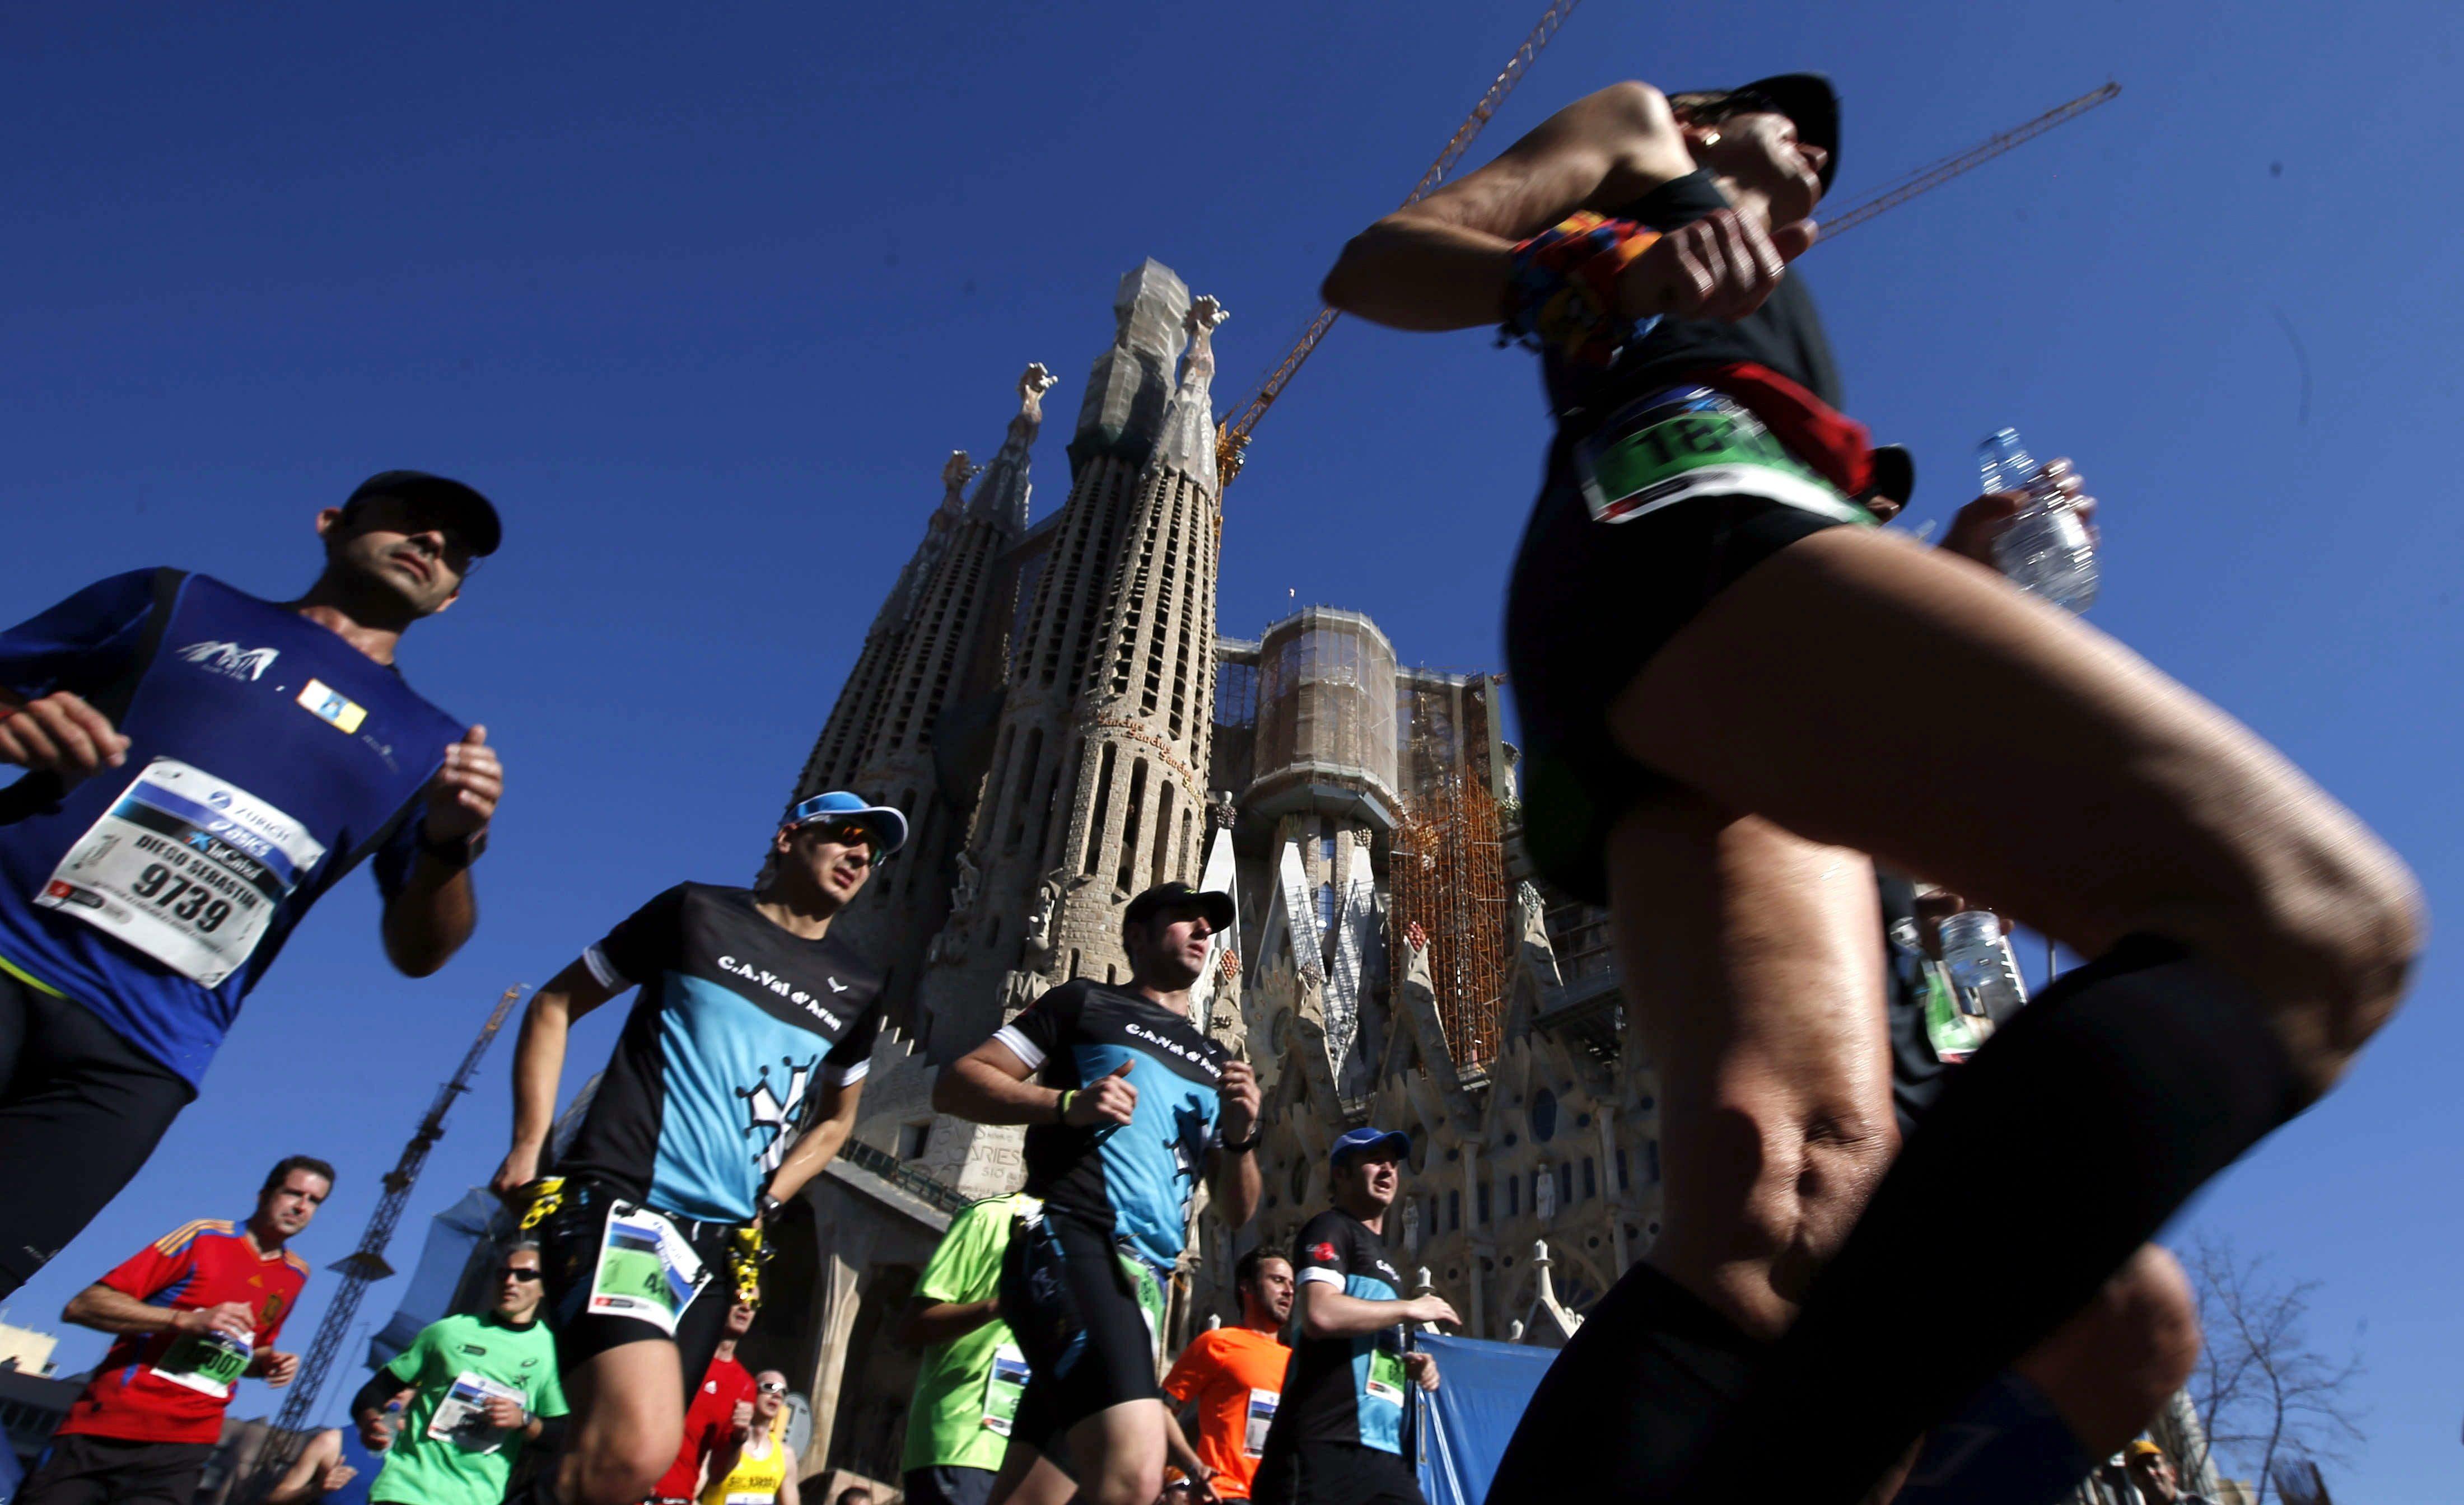 GRA036. BARCELONA, 16/03/2014.- Un grupo de corredores pasan ante la Sagrada Familia durante la trigésimo cuarta edición del Maratón de Barcelona, en la que participan 17.830 atletas de 87 países, lo que la sitúa entre las cinco 'grandes' de Europa. EFE/Alberto Estévez